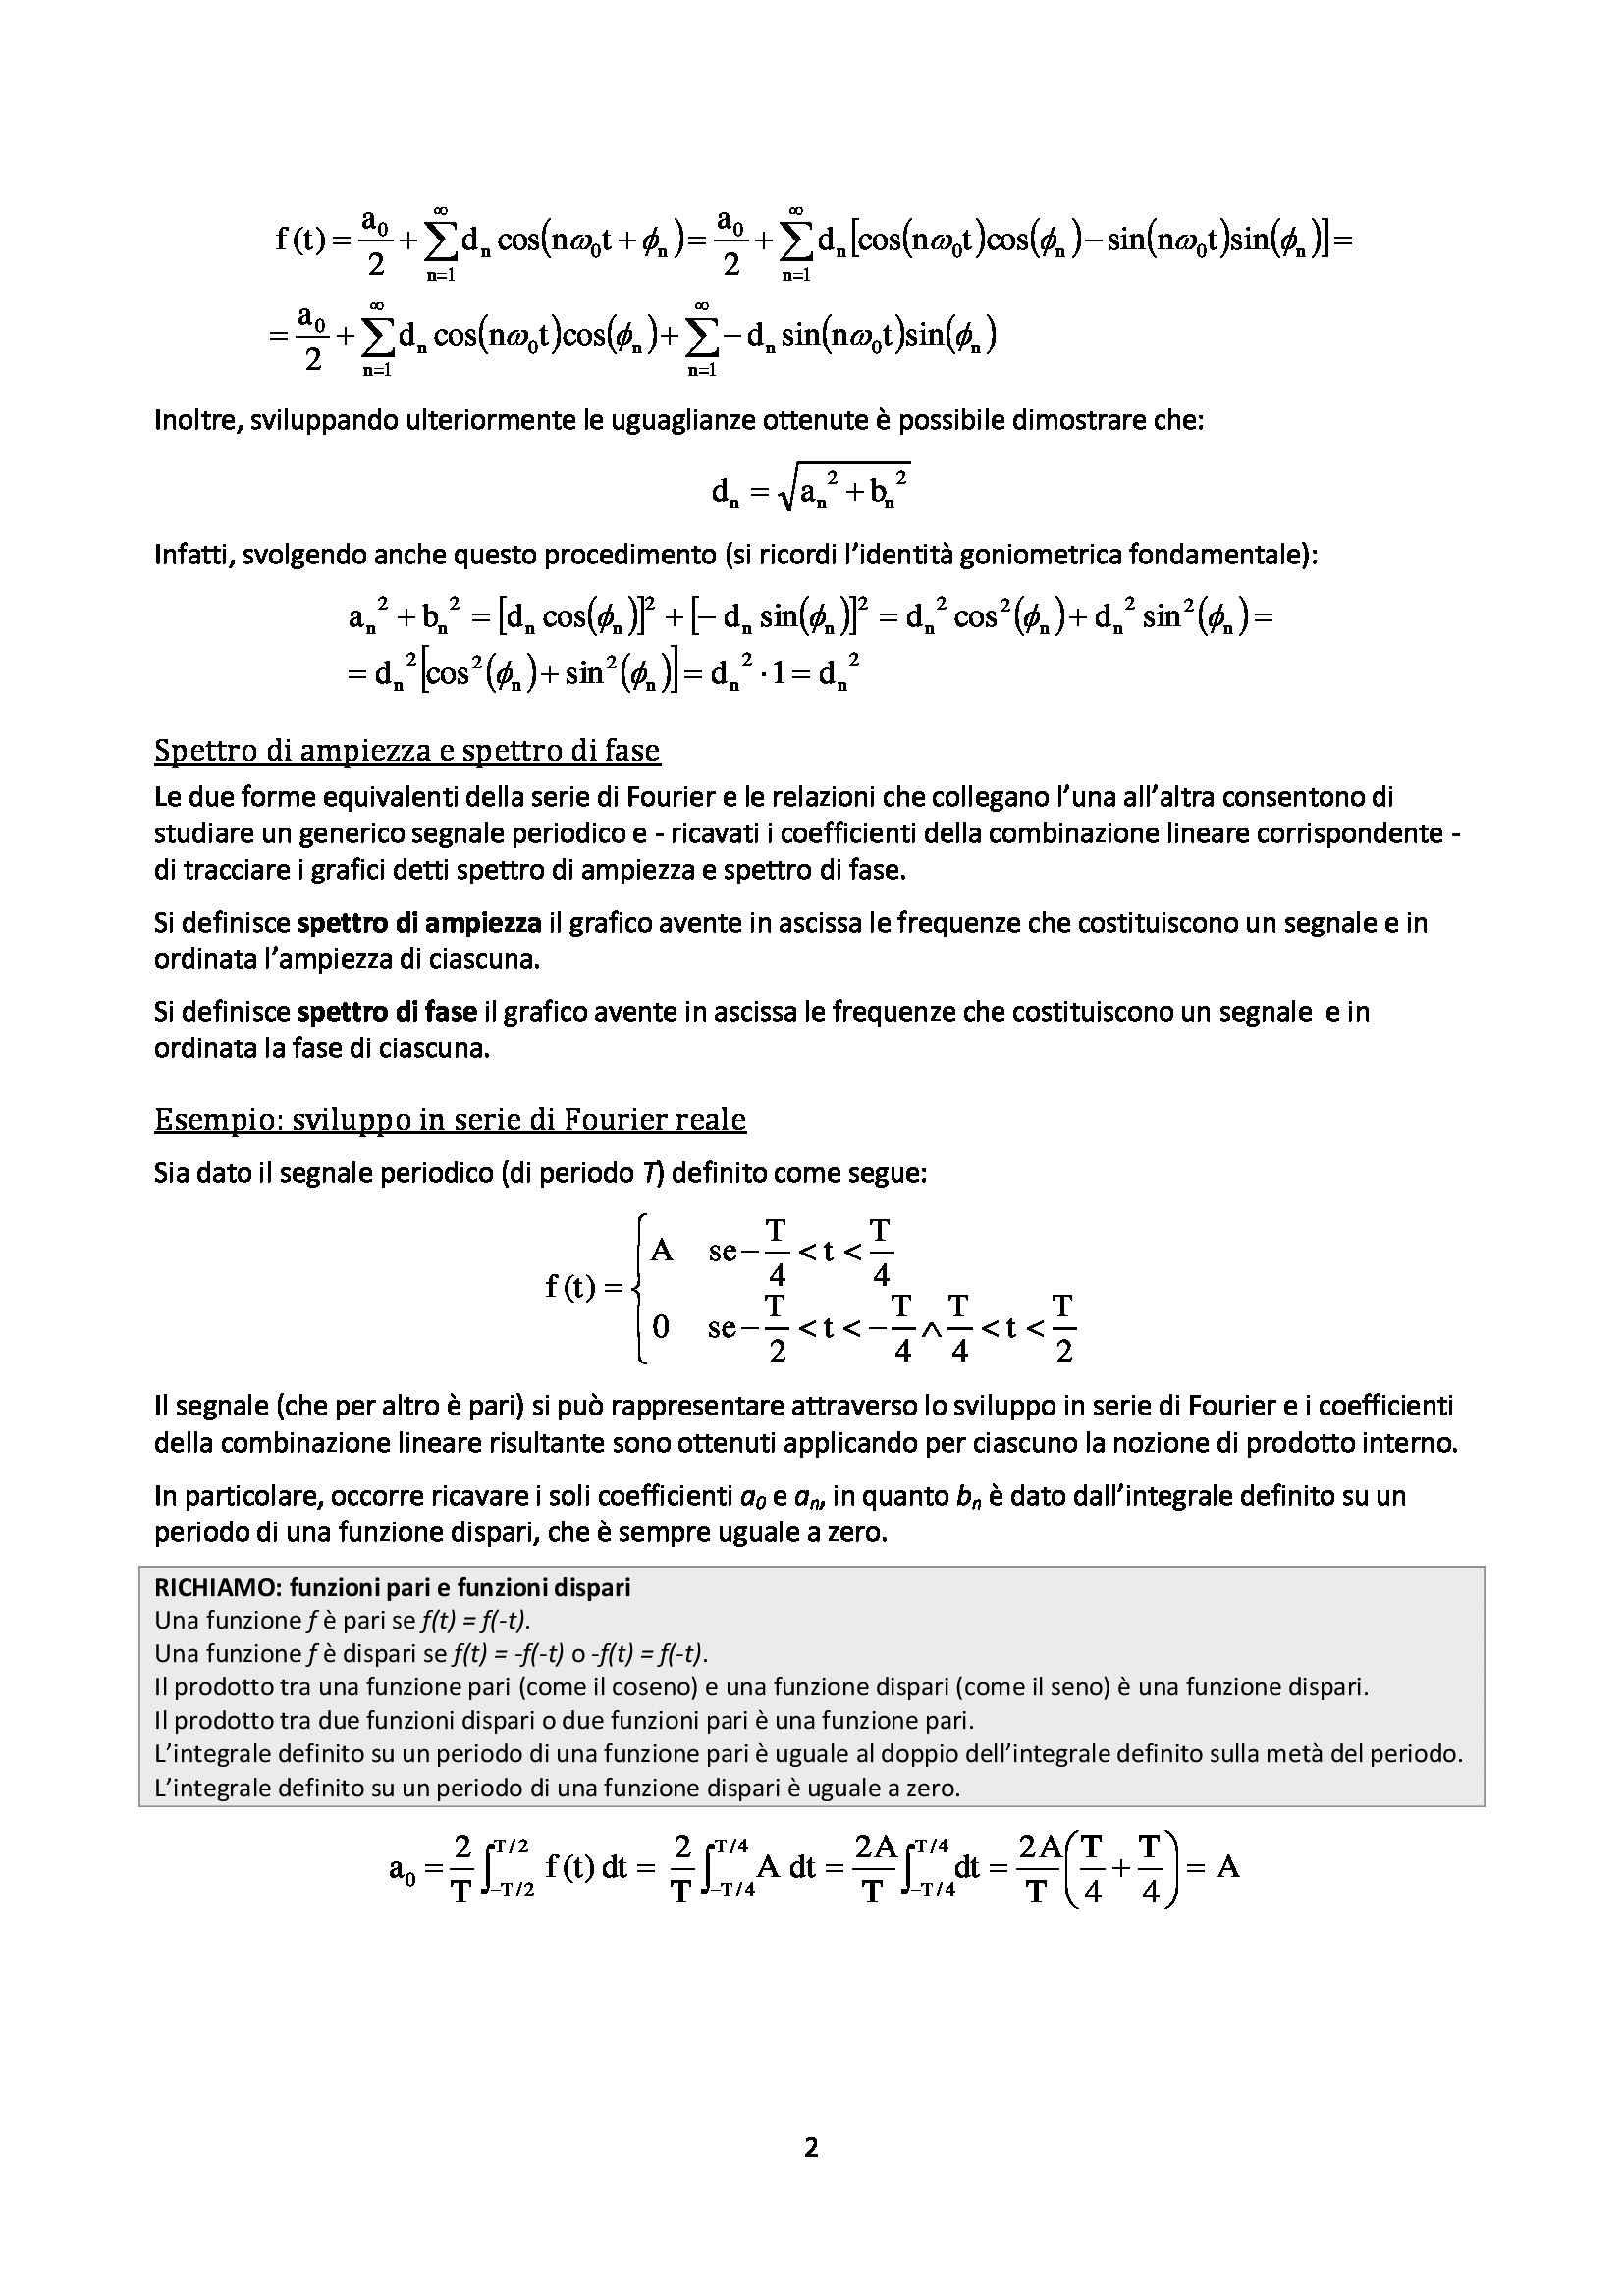 Elaborazione numerica dei segnali - Appunti Pag. 2